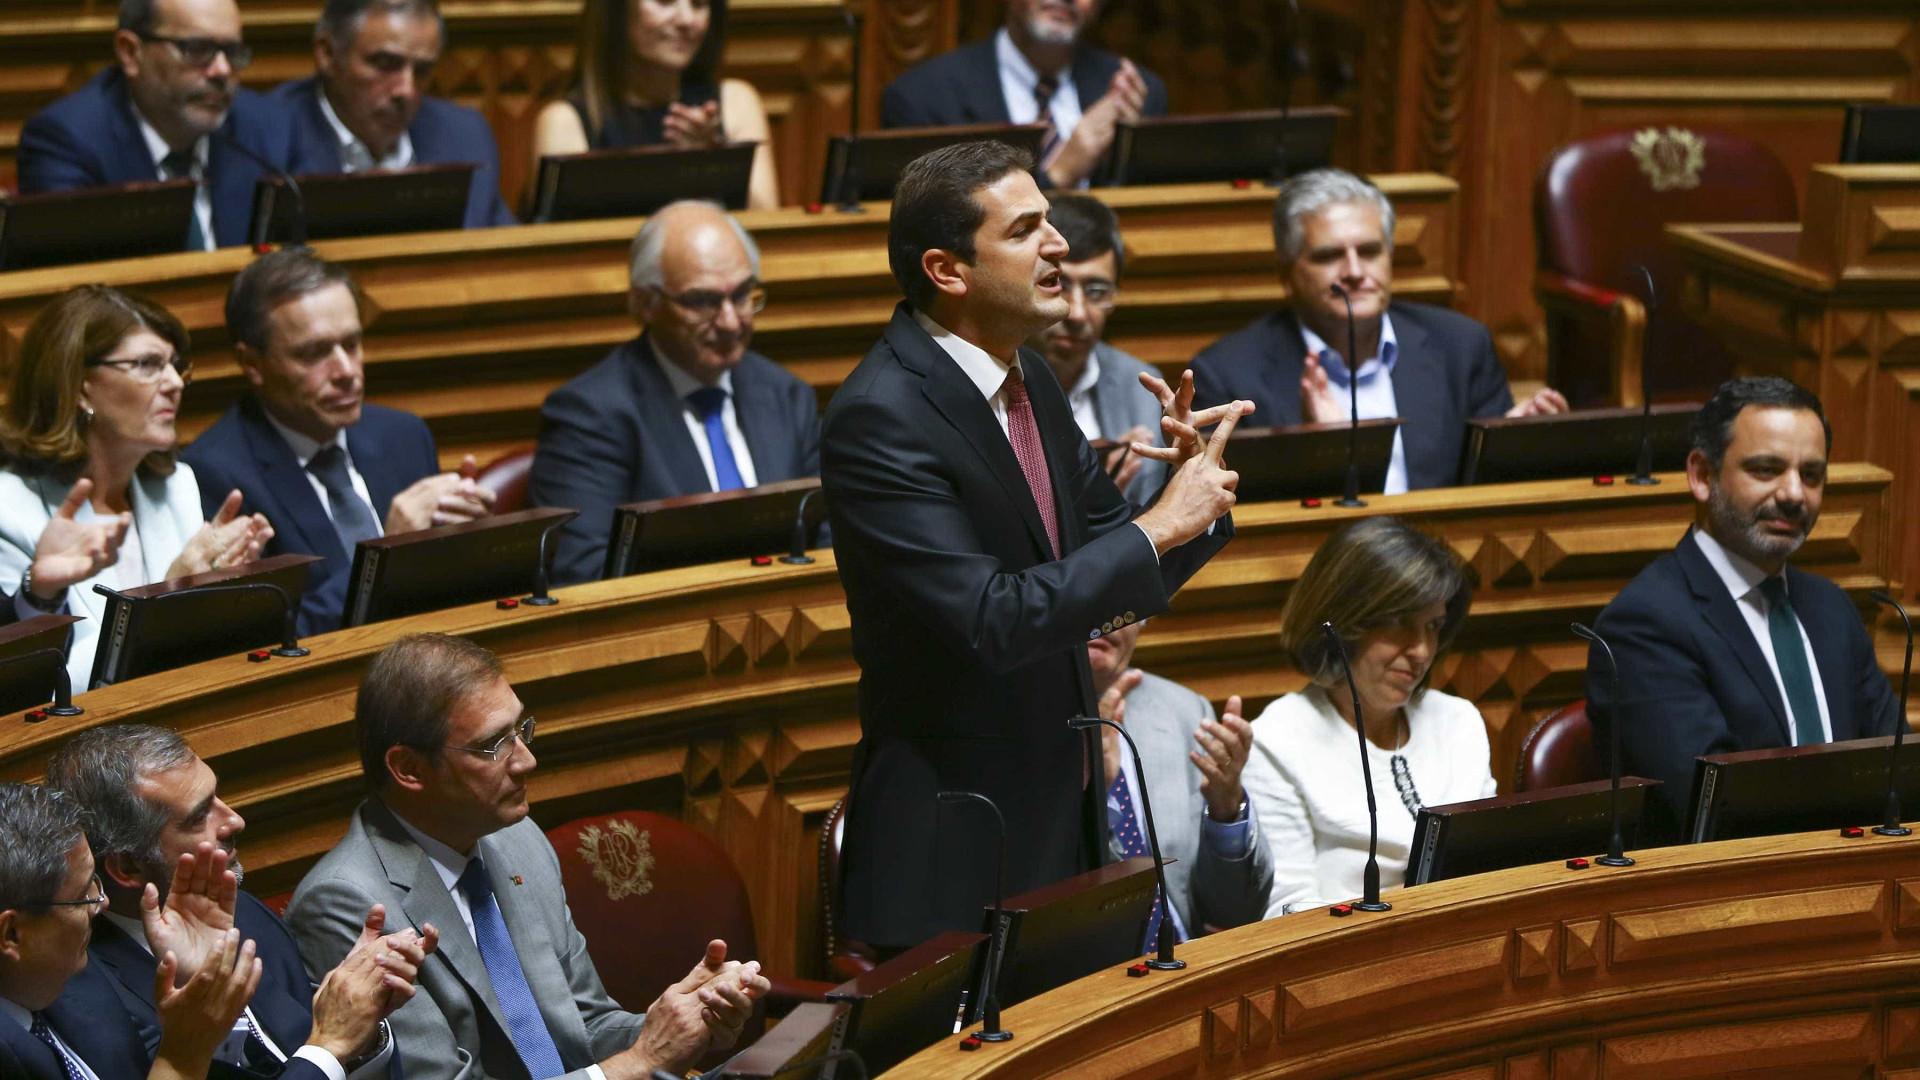 Carlos César critica ministra da Justiça: